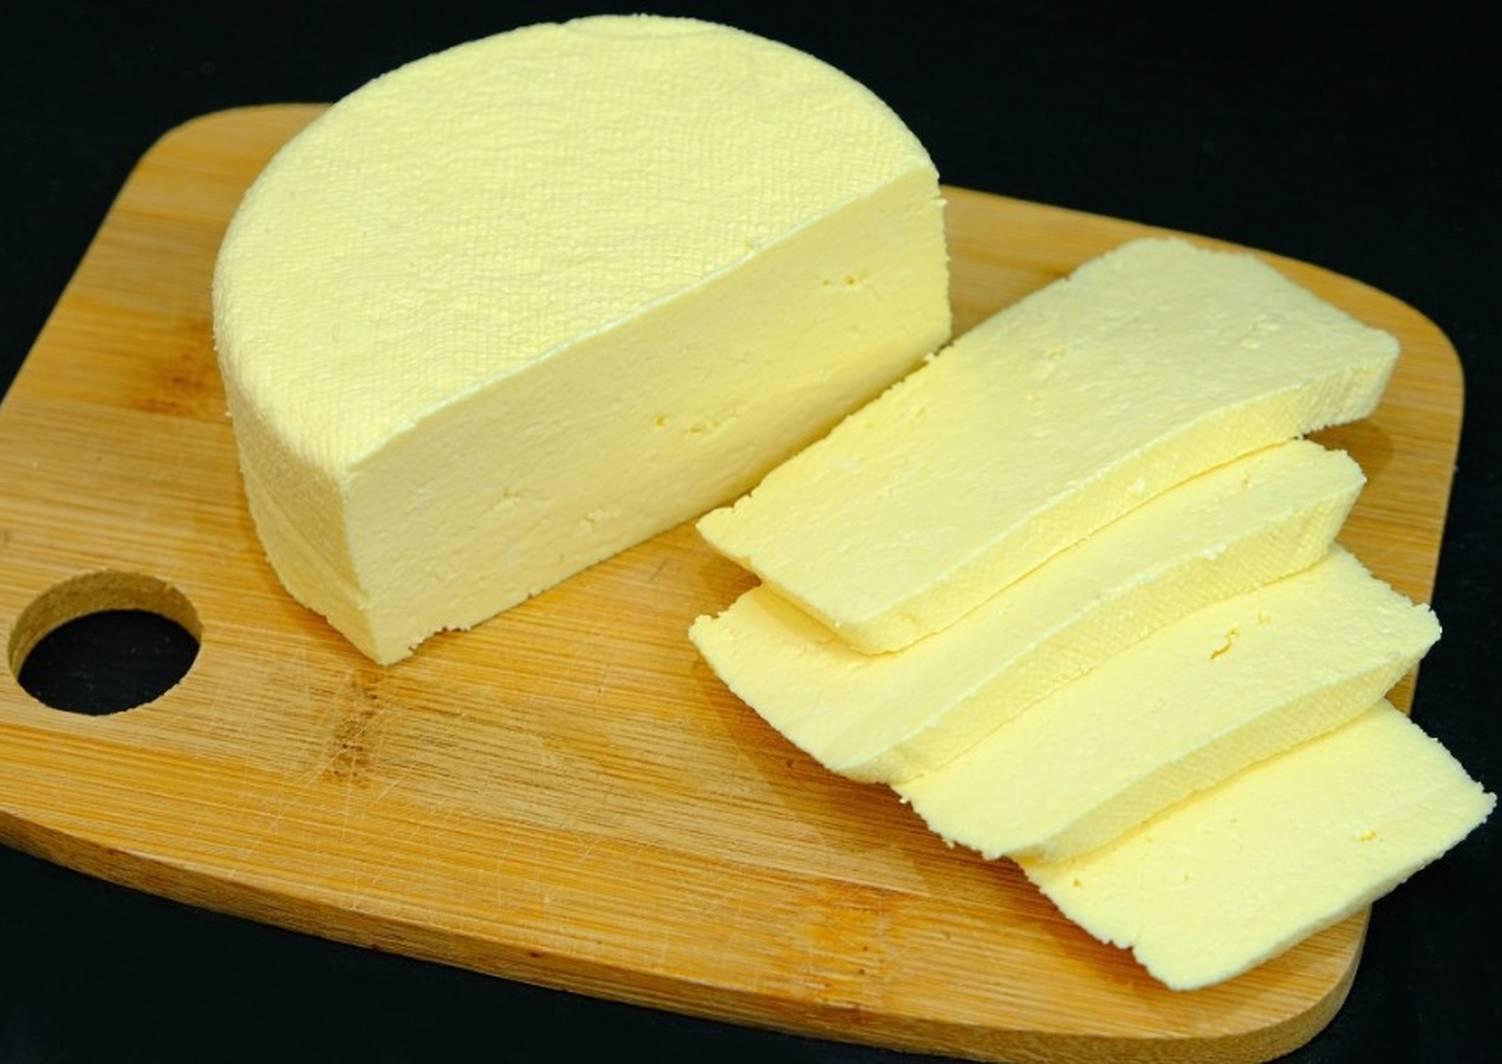 формируется рецепт домашнего сыра с фото оригинальной композиции